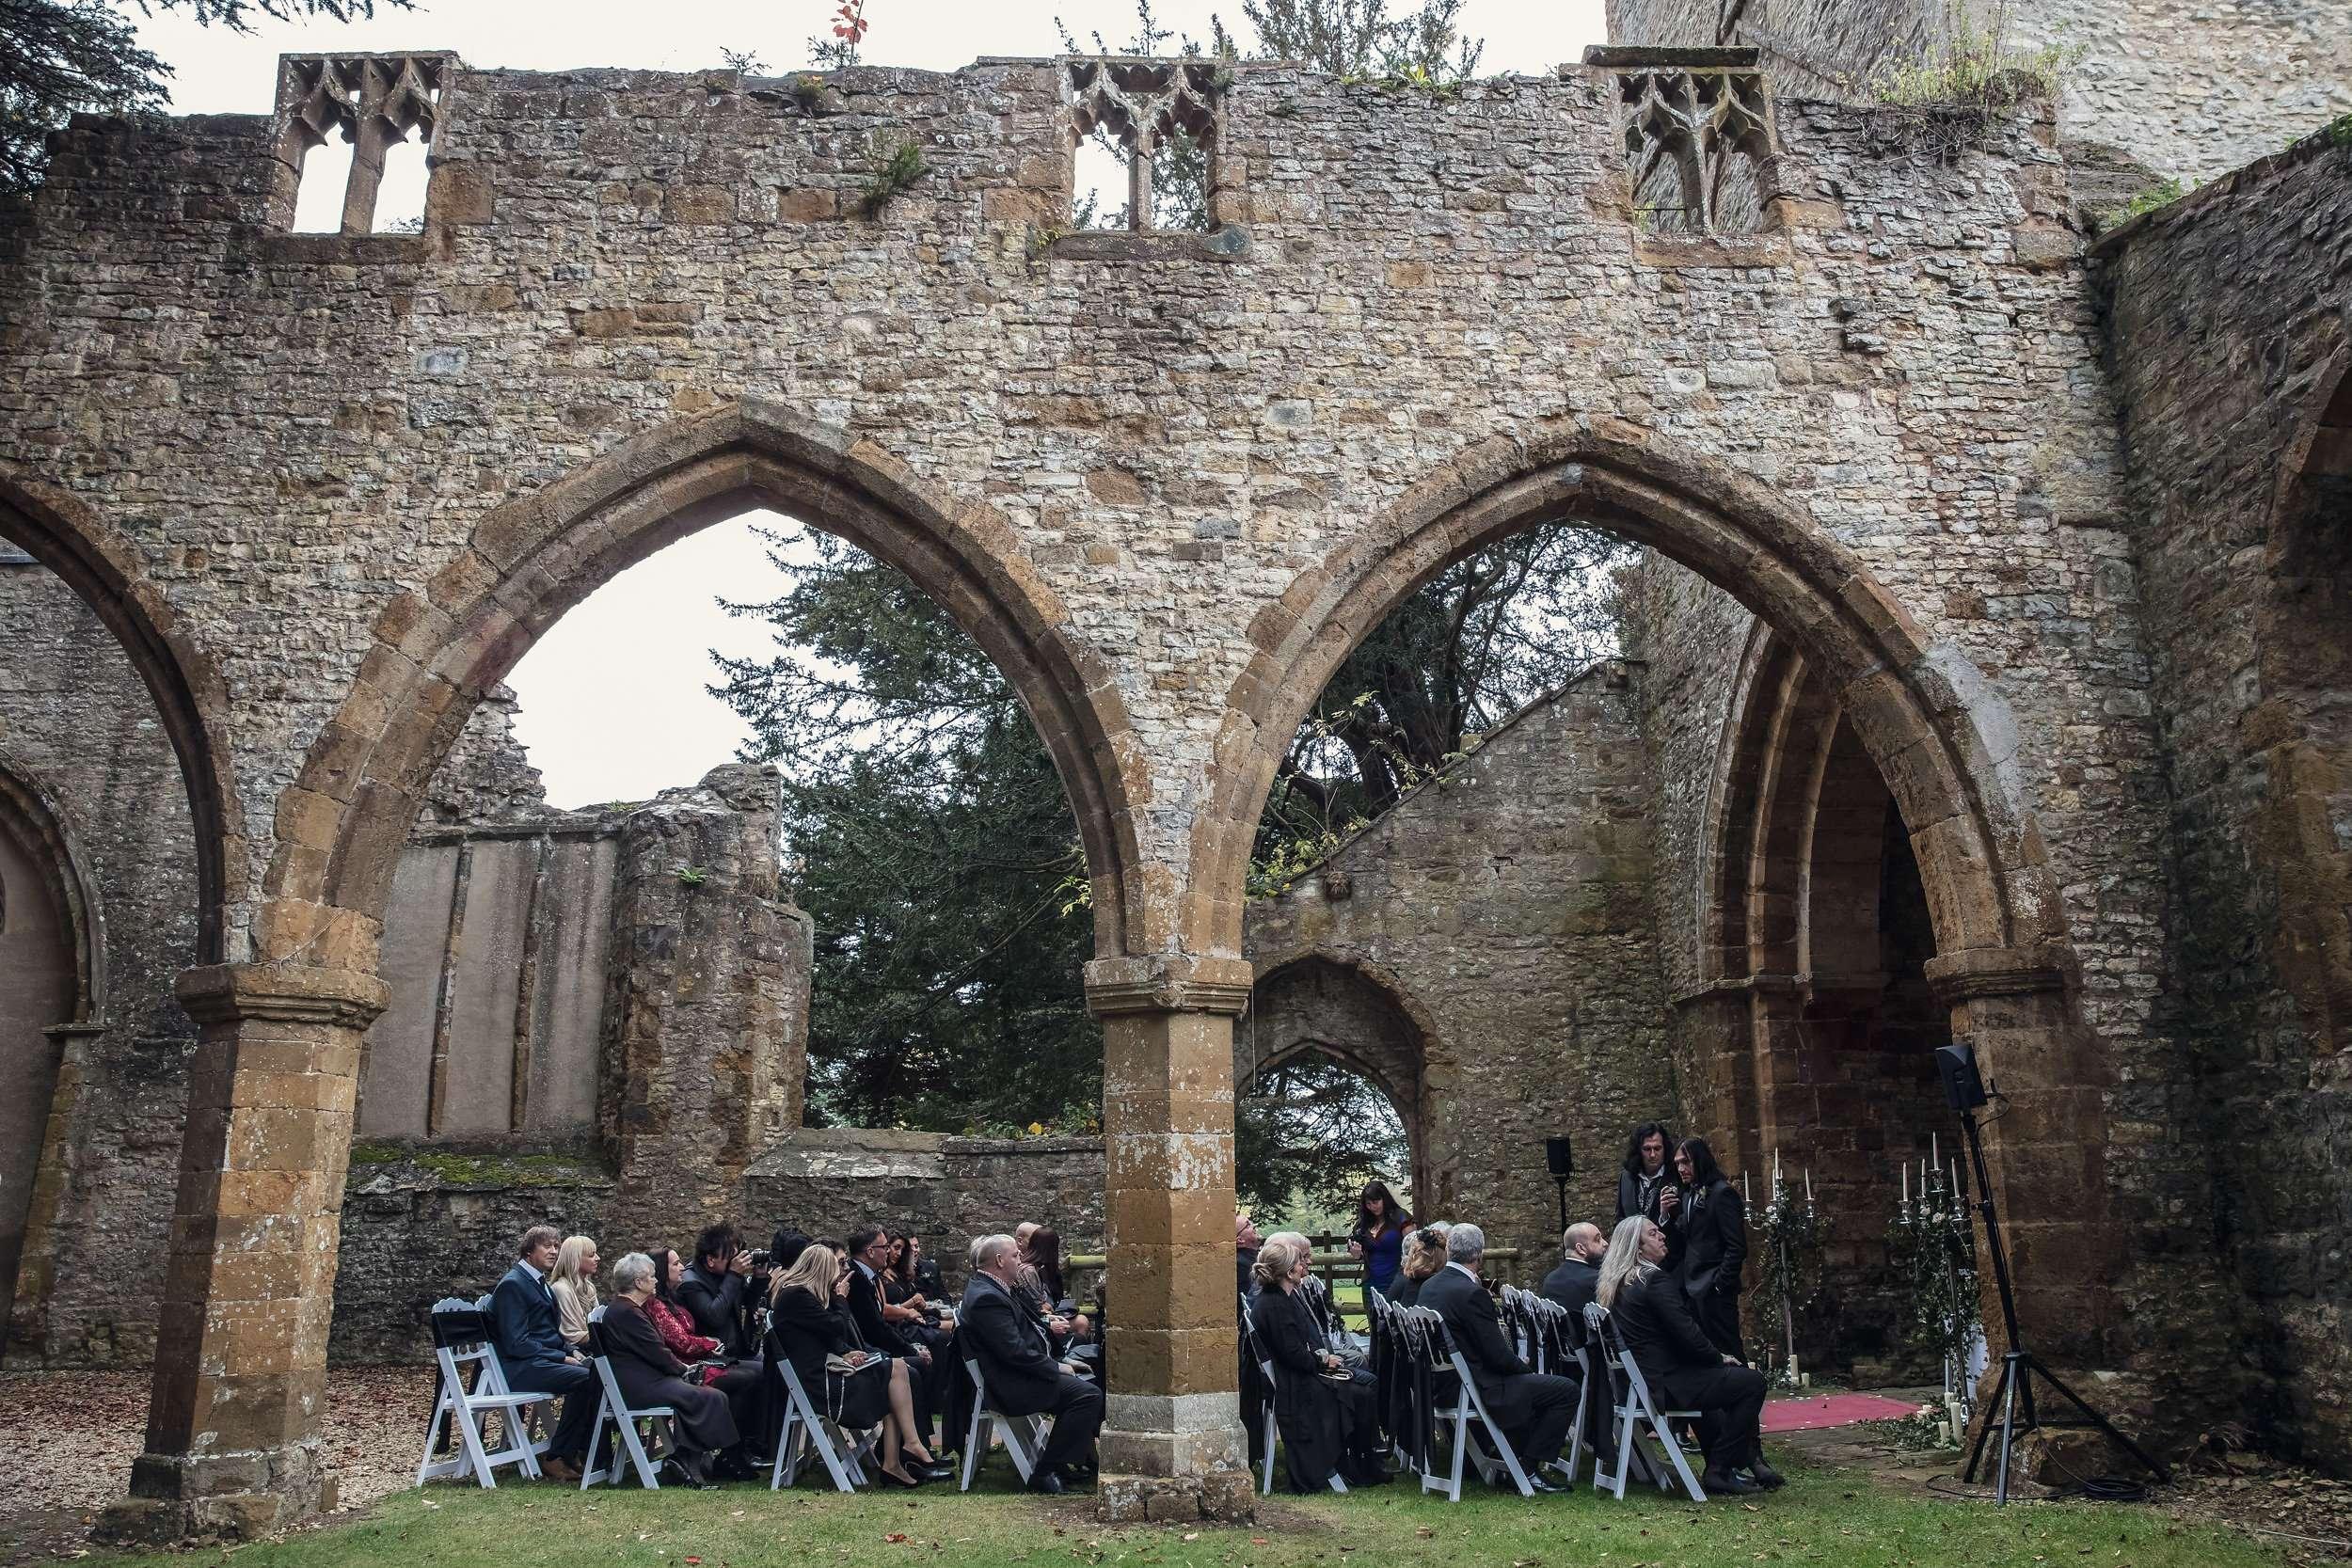 Gothic Castle Ruins Wedding 183 Rock N Roll Bride